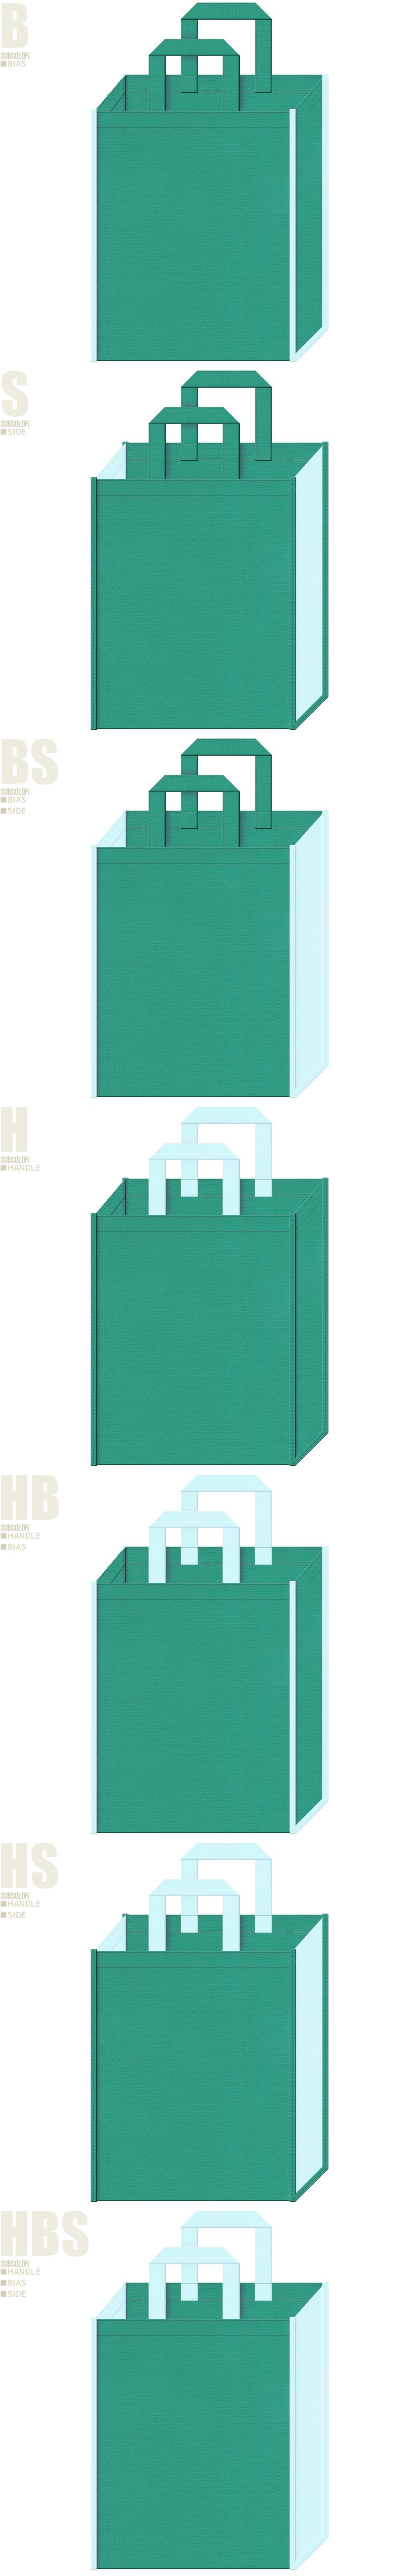 噴水・スプリンクラー・水道設備の展示会用バッグにお奨めの不織布バッグデザイン:青緑色と水色の不織布バッグ配色7パターン。